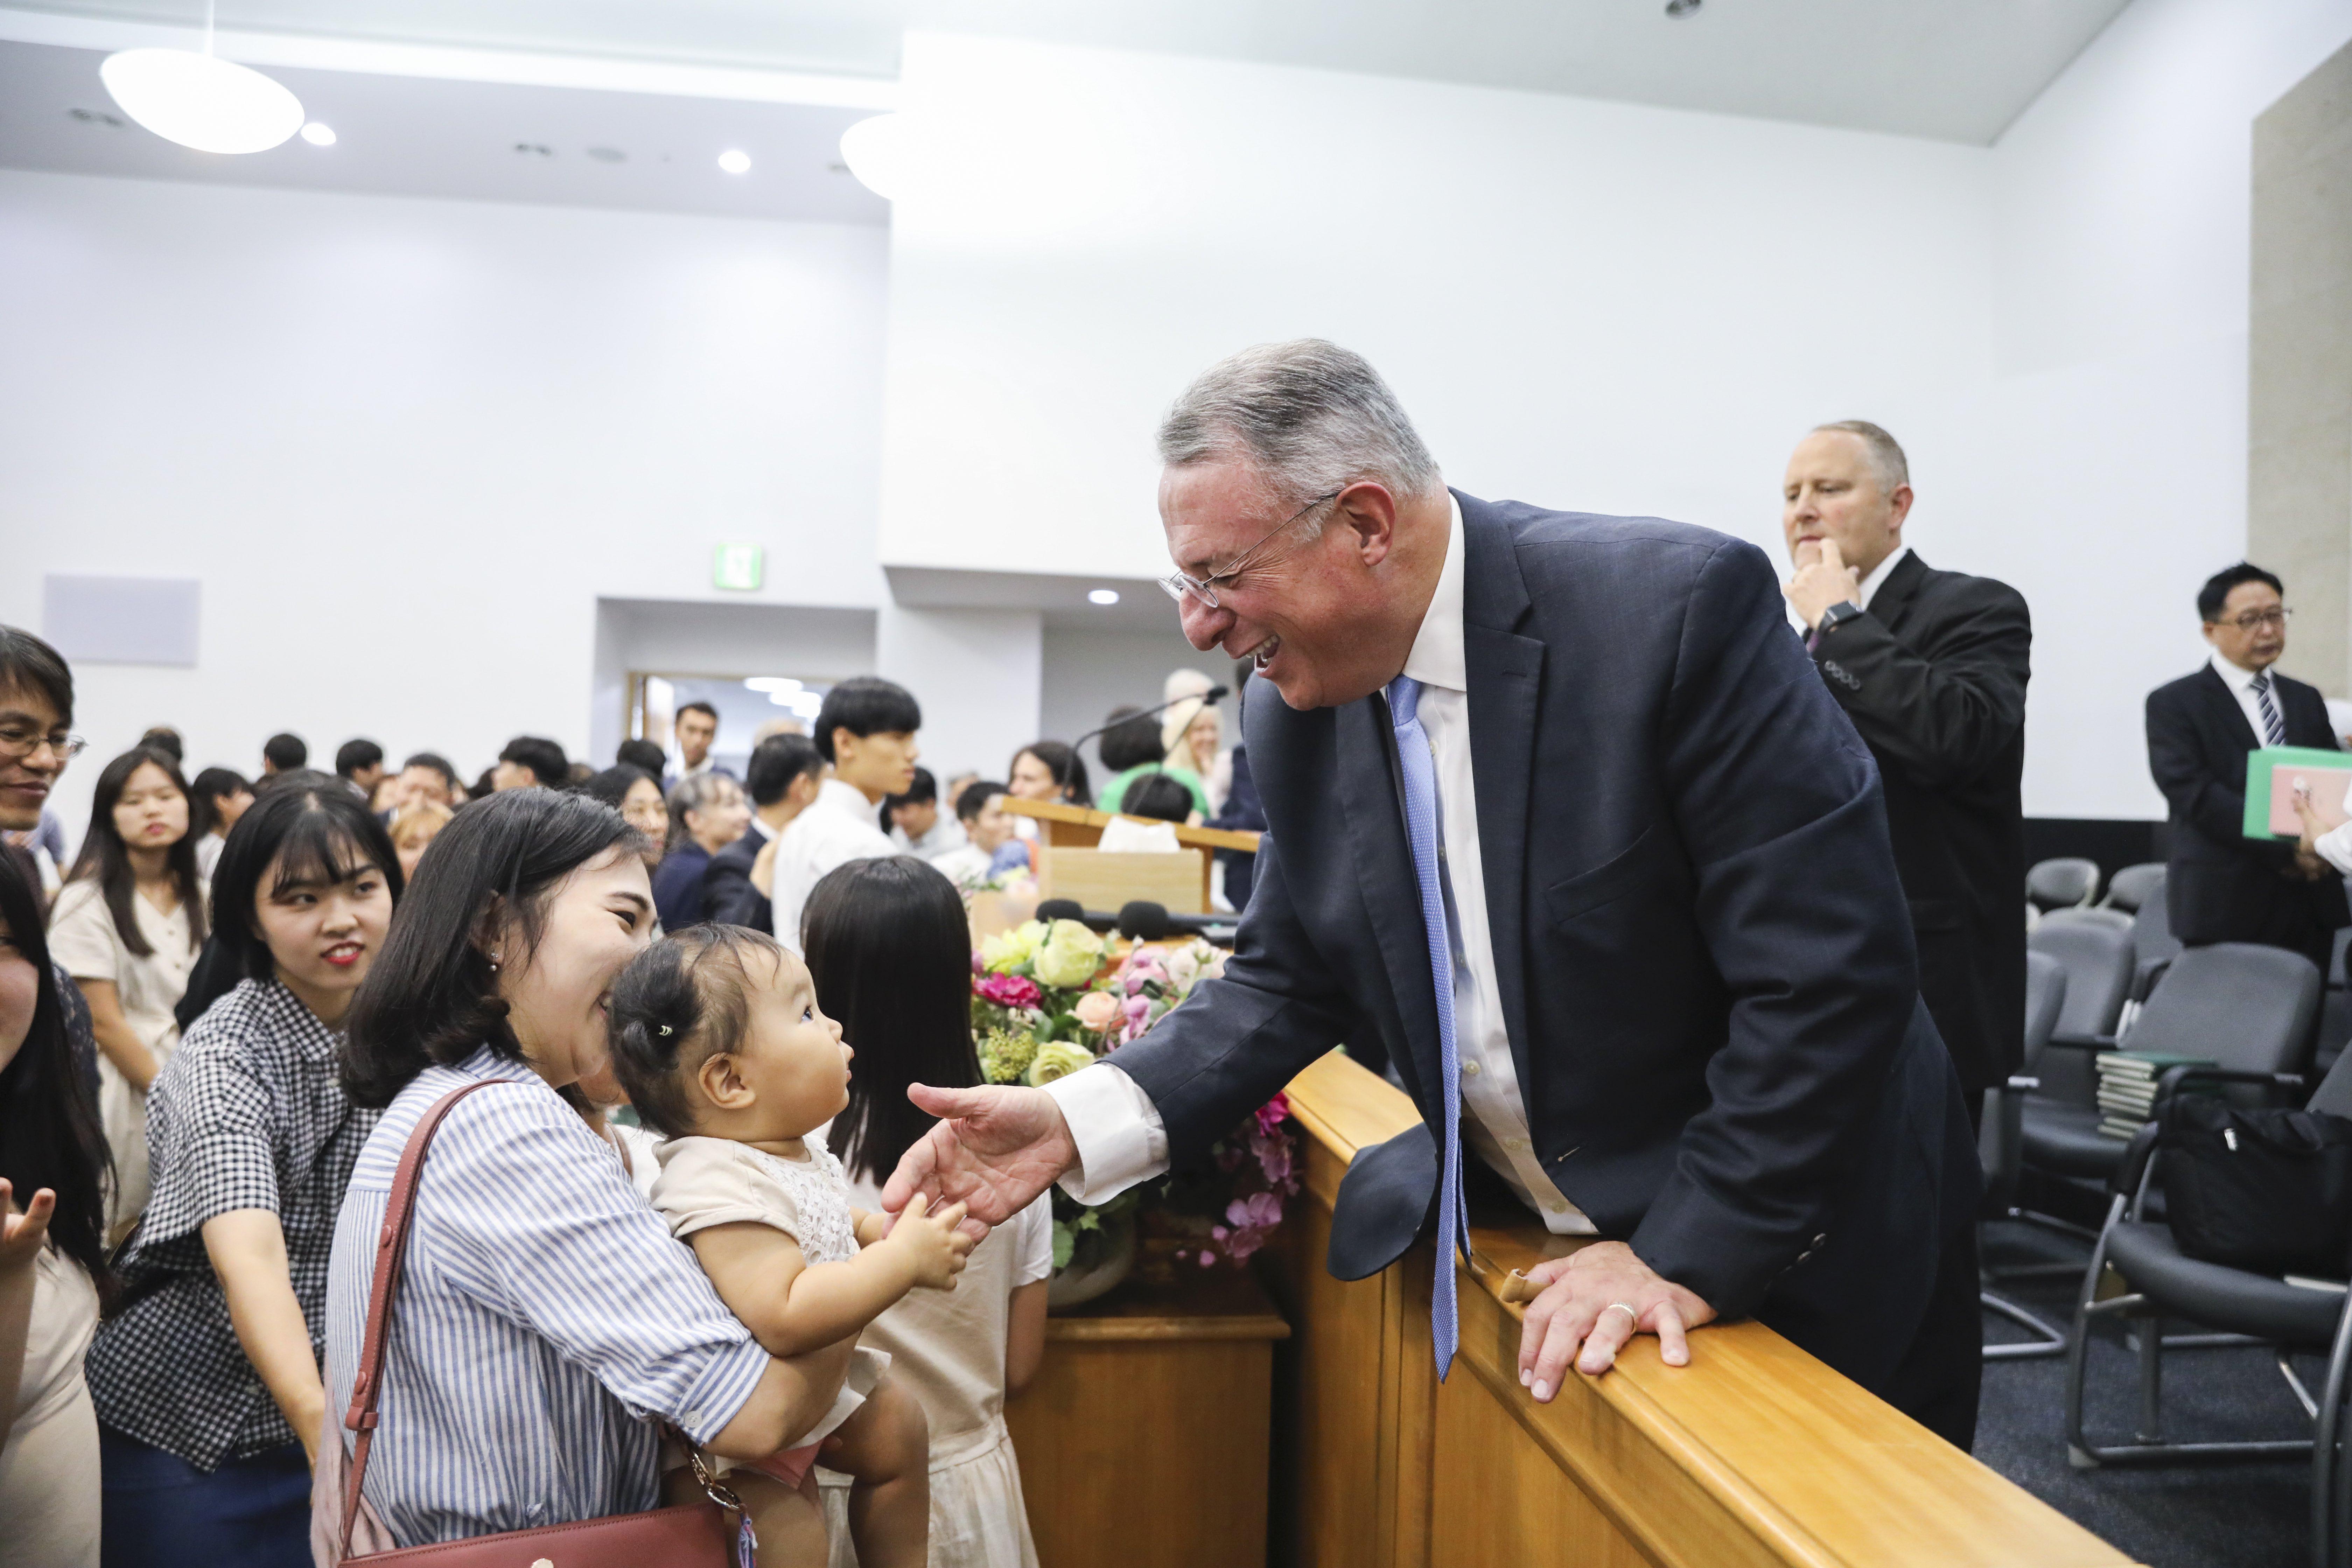 O élder Ulisses Soares cumprimenta membros após uma transmissão nacional para membros em Seul, Coréia do Sul, no domingo, 25 de agosto de 2019.